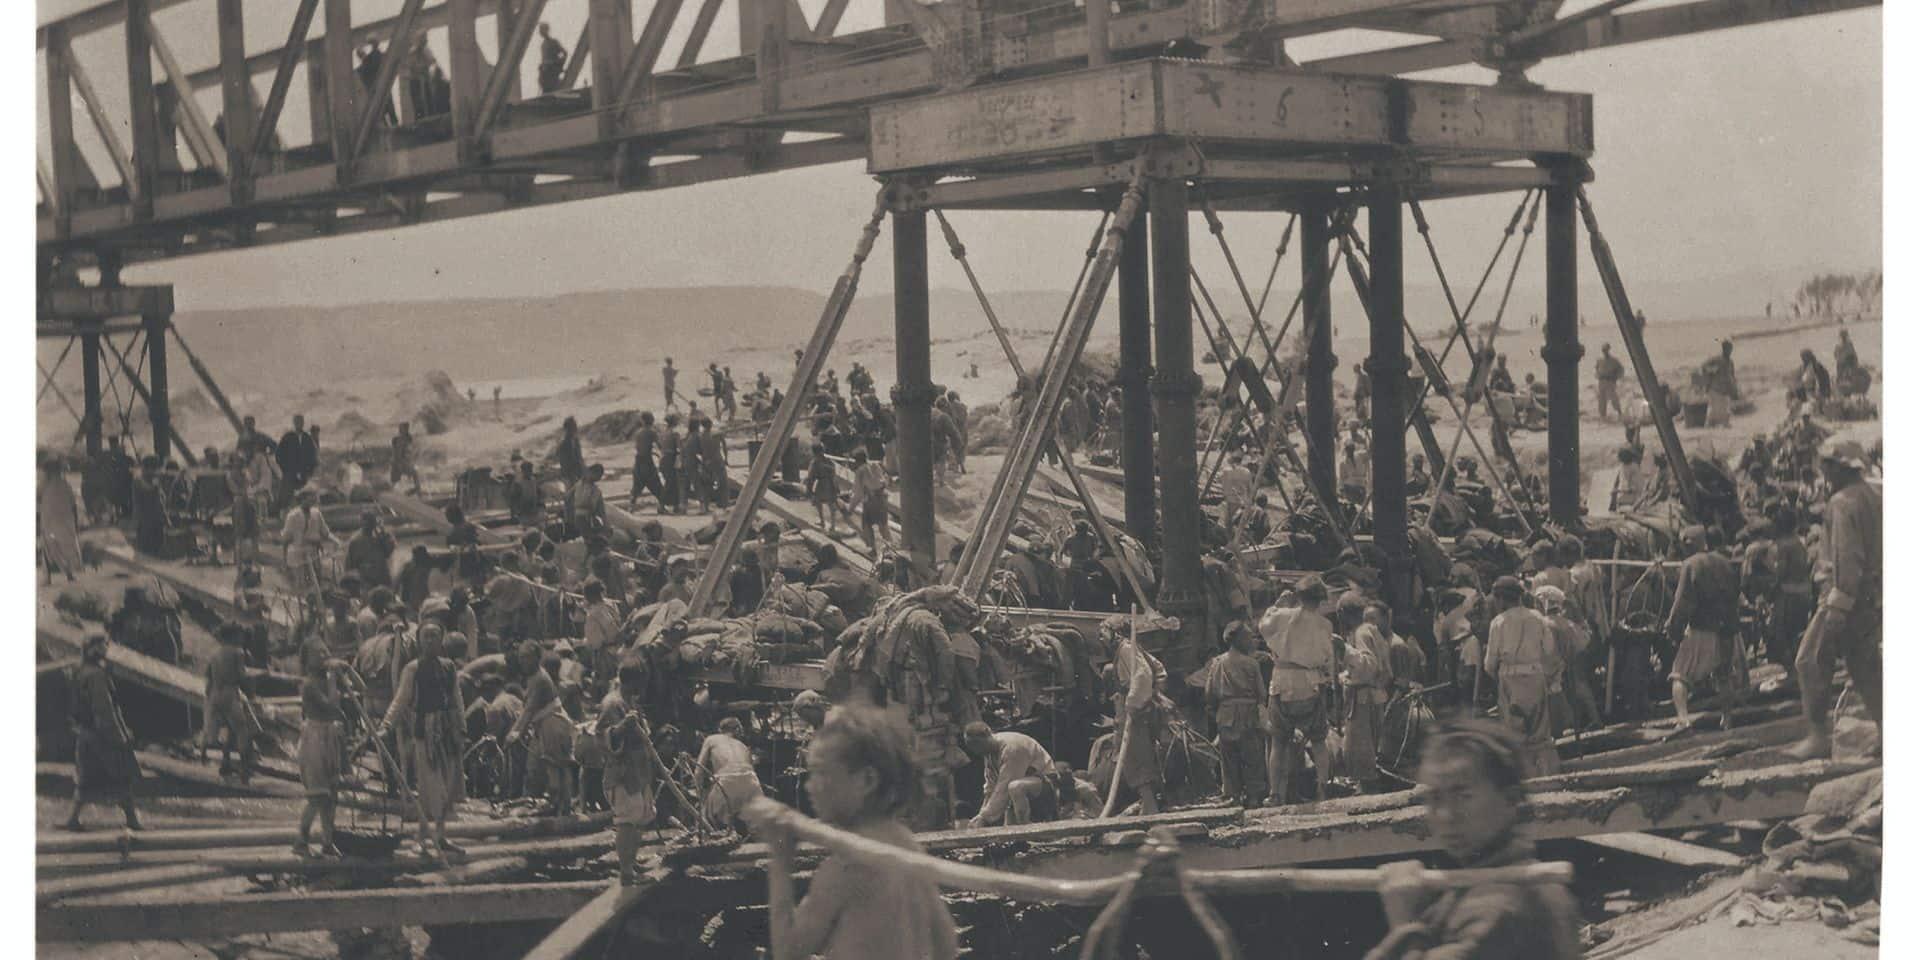 Photographie de la construction de la ligne ferroviaire Pékin-Hankou de 1898 à 1905